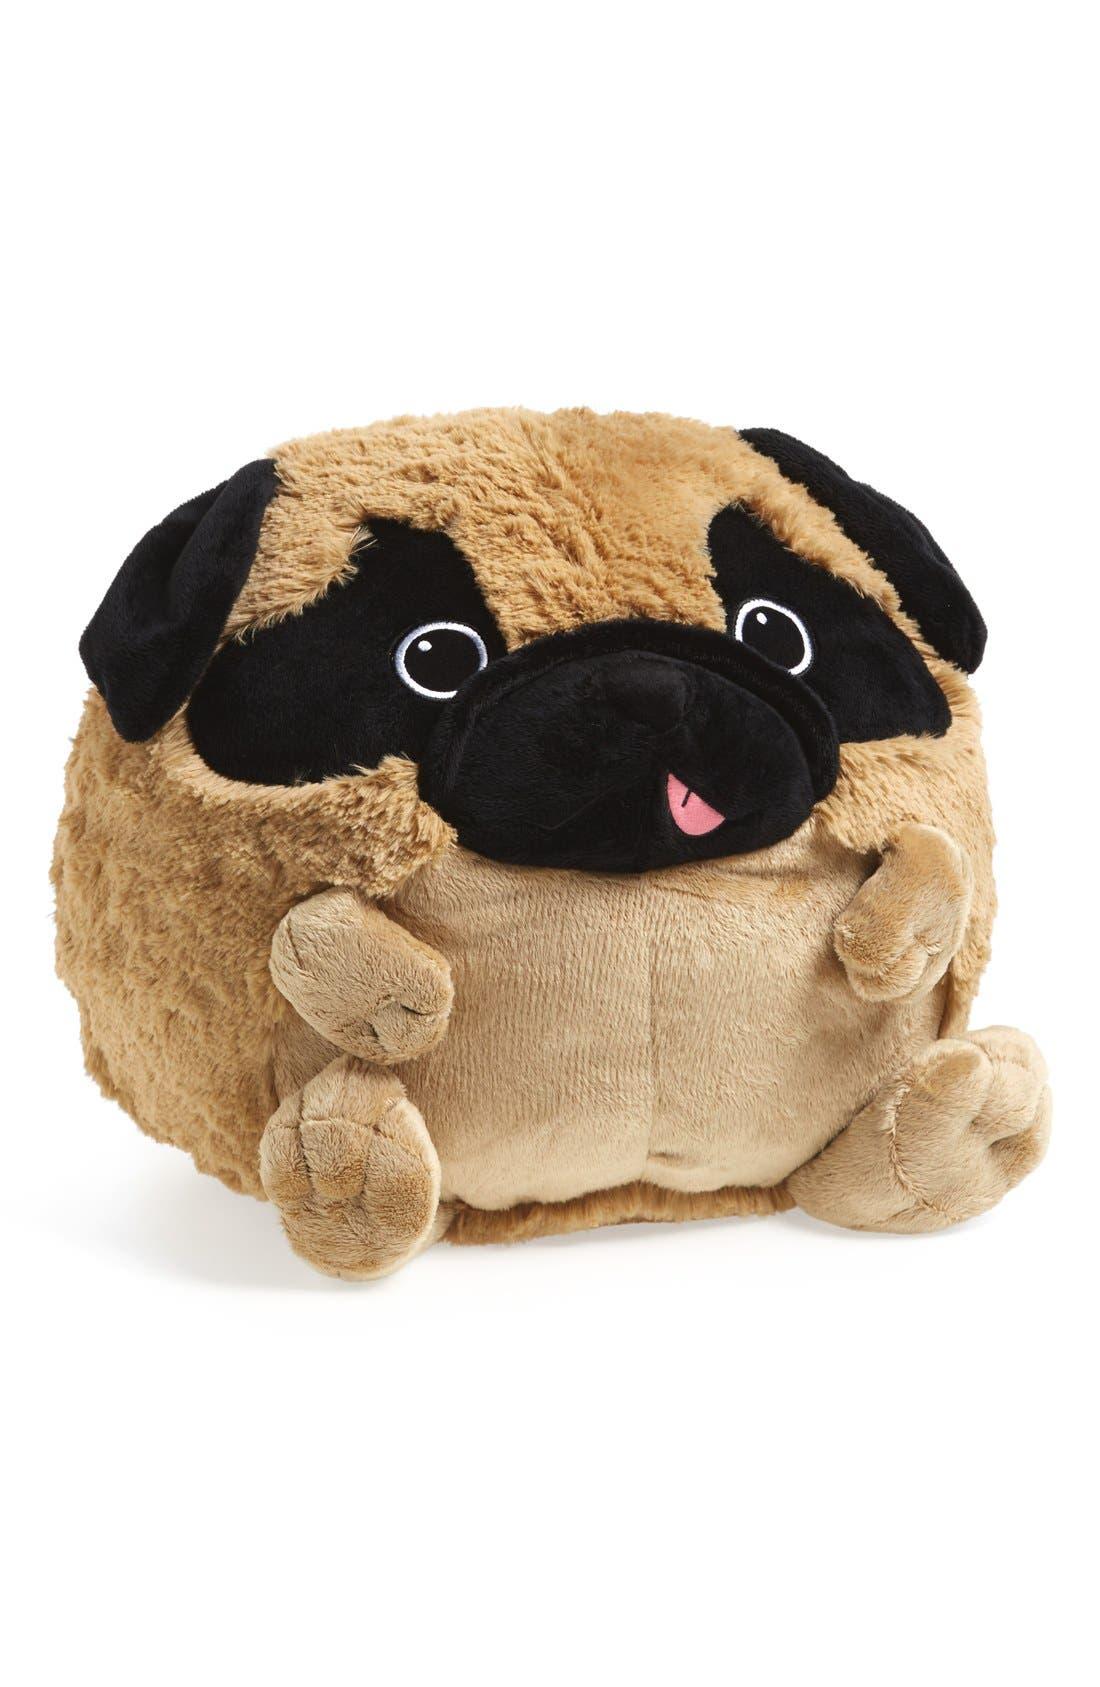 Main Image - Squishable 'Pug' Stuffed Animal